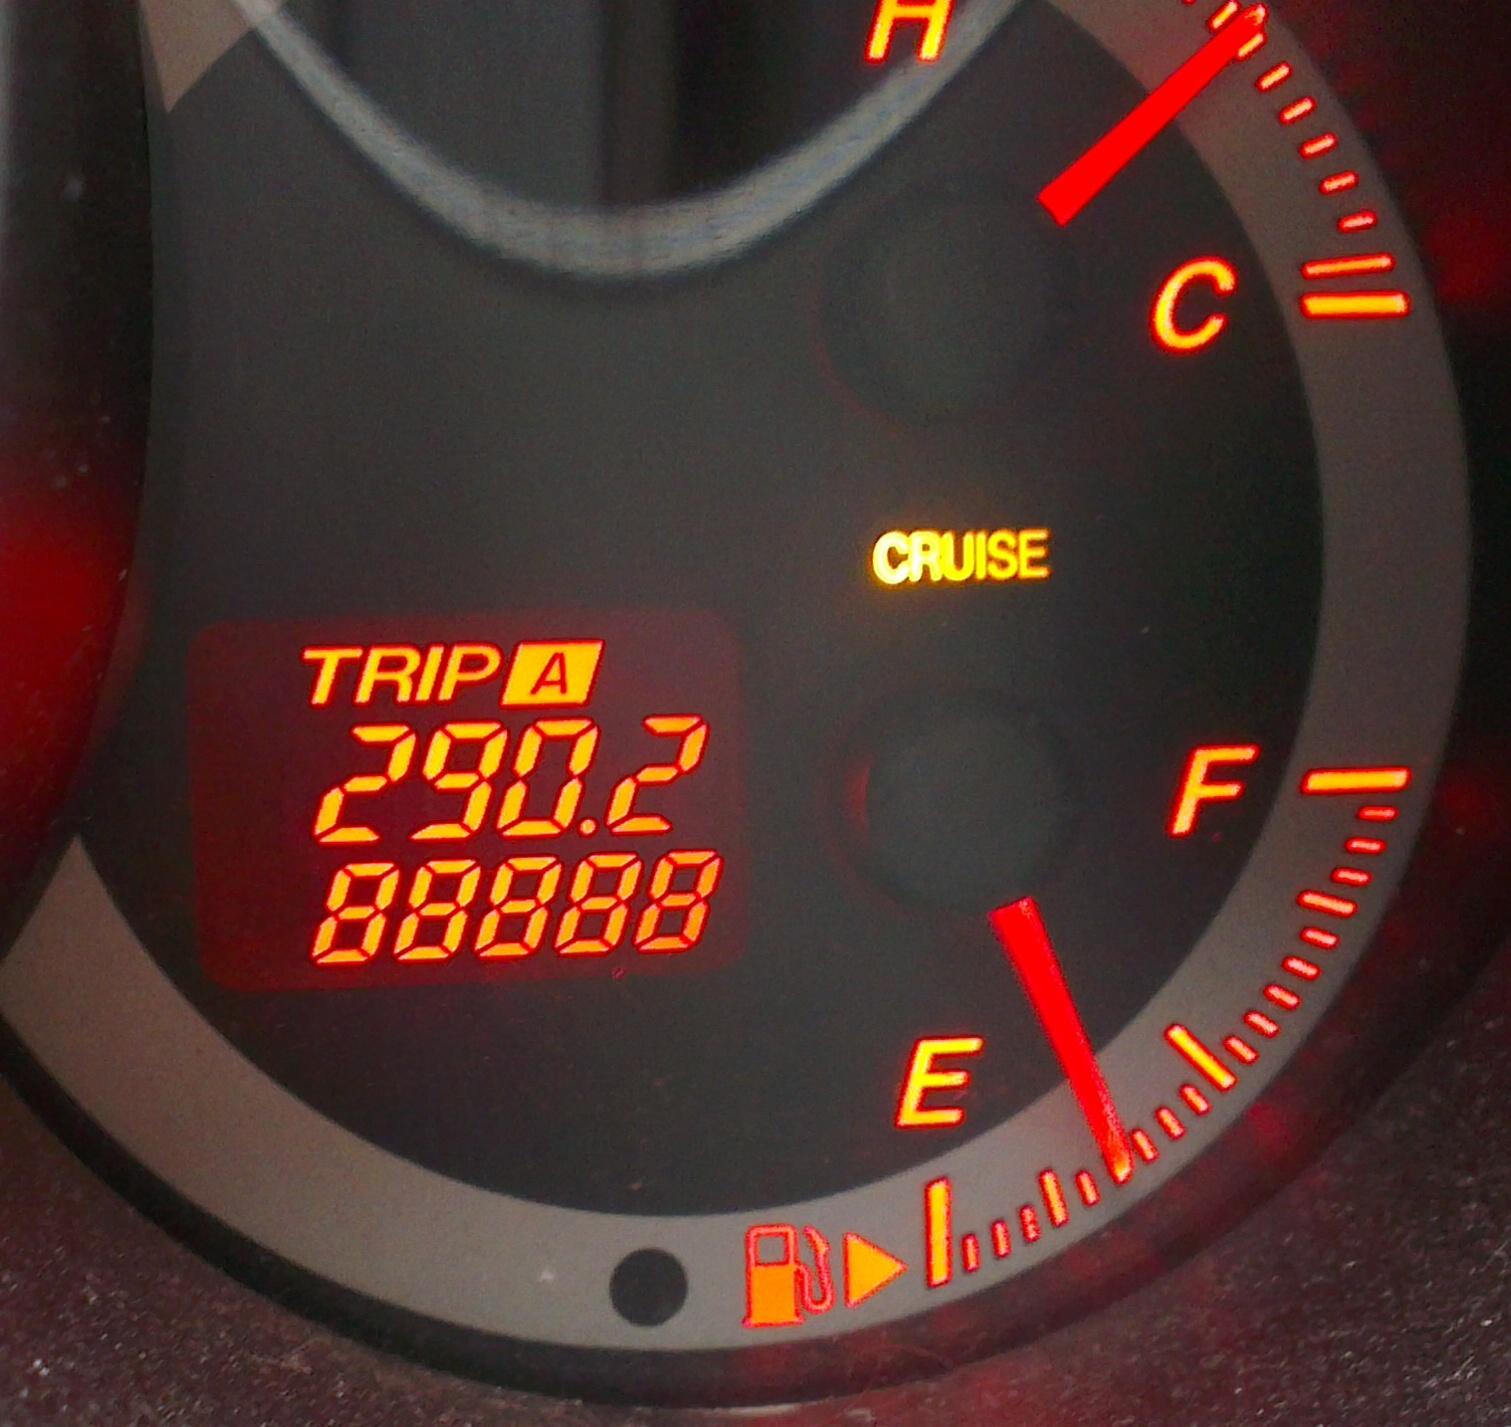 Mazda 3 trip